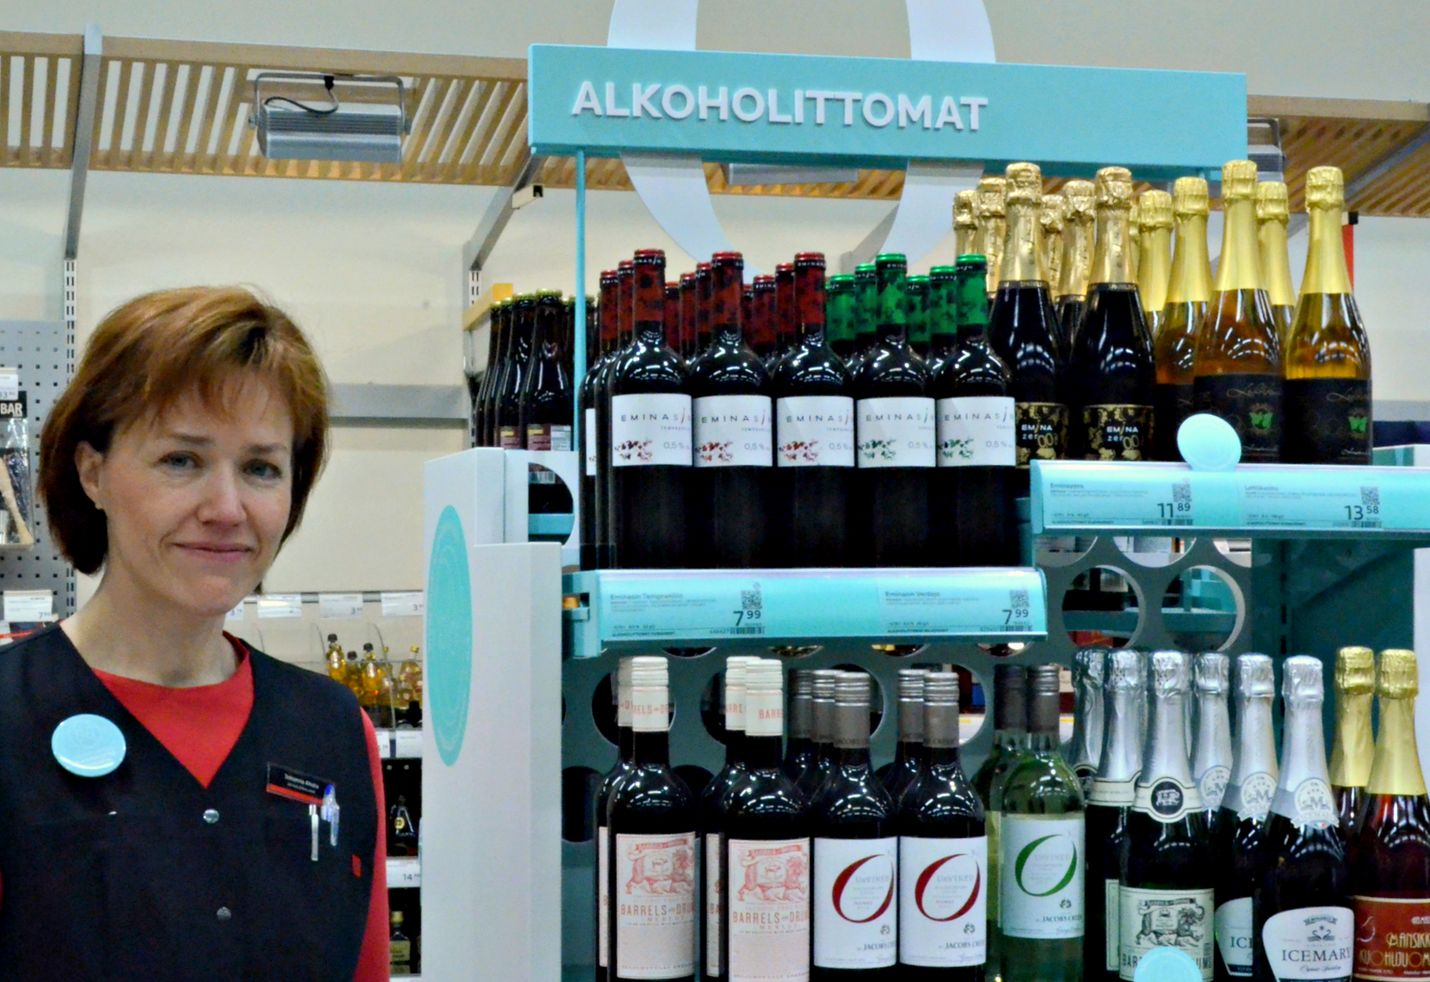 Alkoholittomat tuotteet ovat Alkossa hyvin esillä. Myymäläpäällikkö Johanna Ahola kertoo, että alkoholittomiakin juomia on juhannuksen alla kyselty.